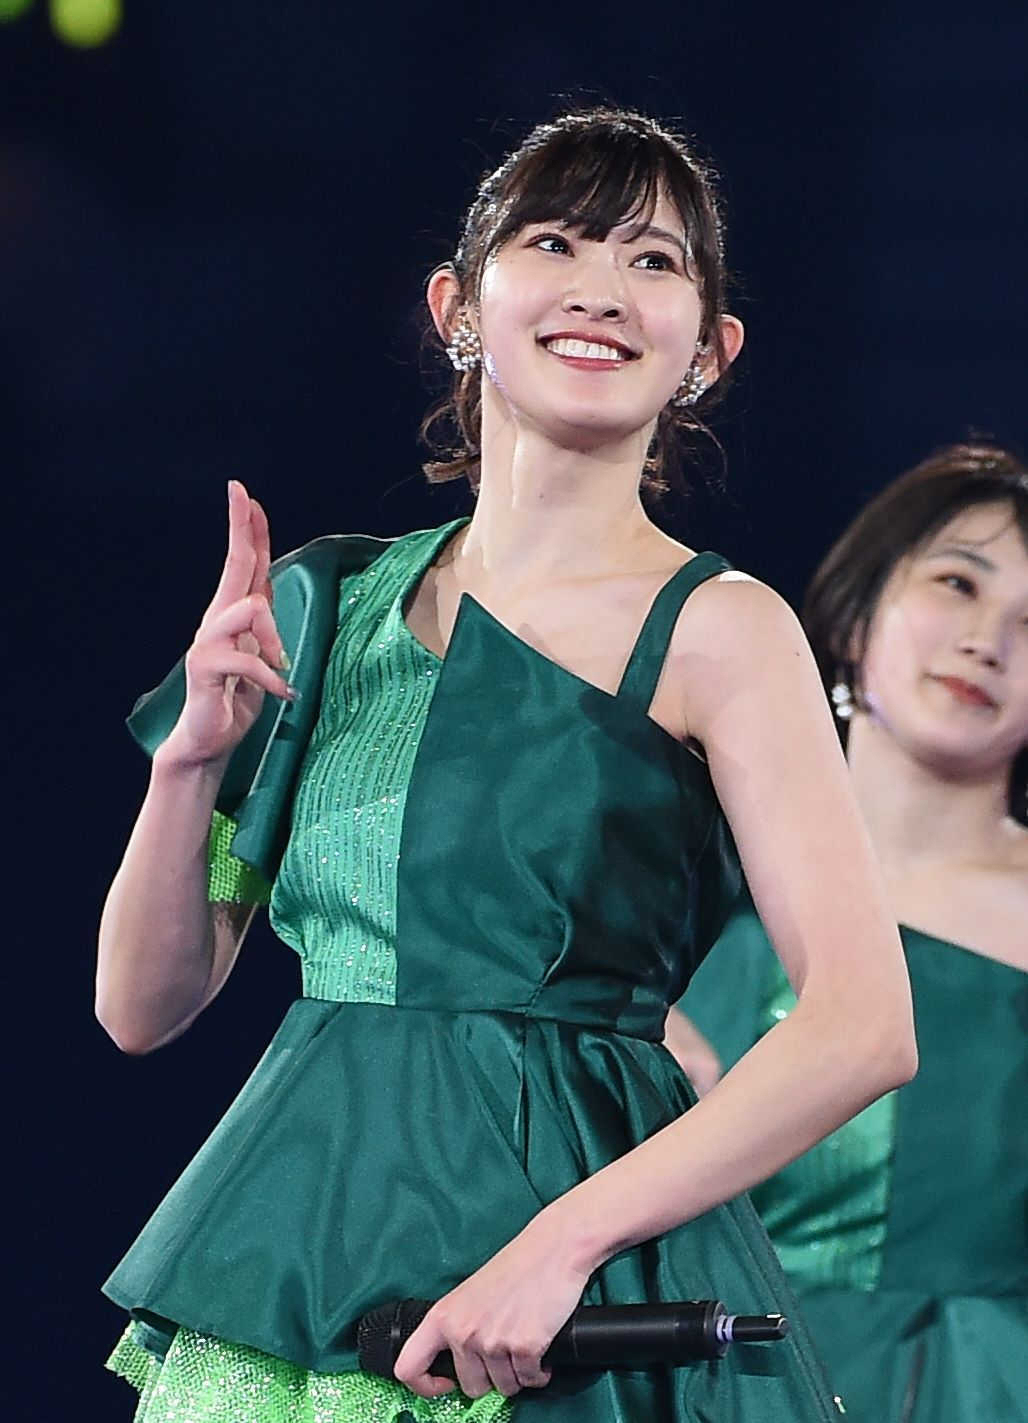 川村文乃が女性で初の1級マグロ解体師の資格を取得!アイドルのマグロ解体ショーは実現するのか?